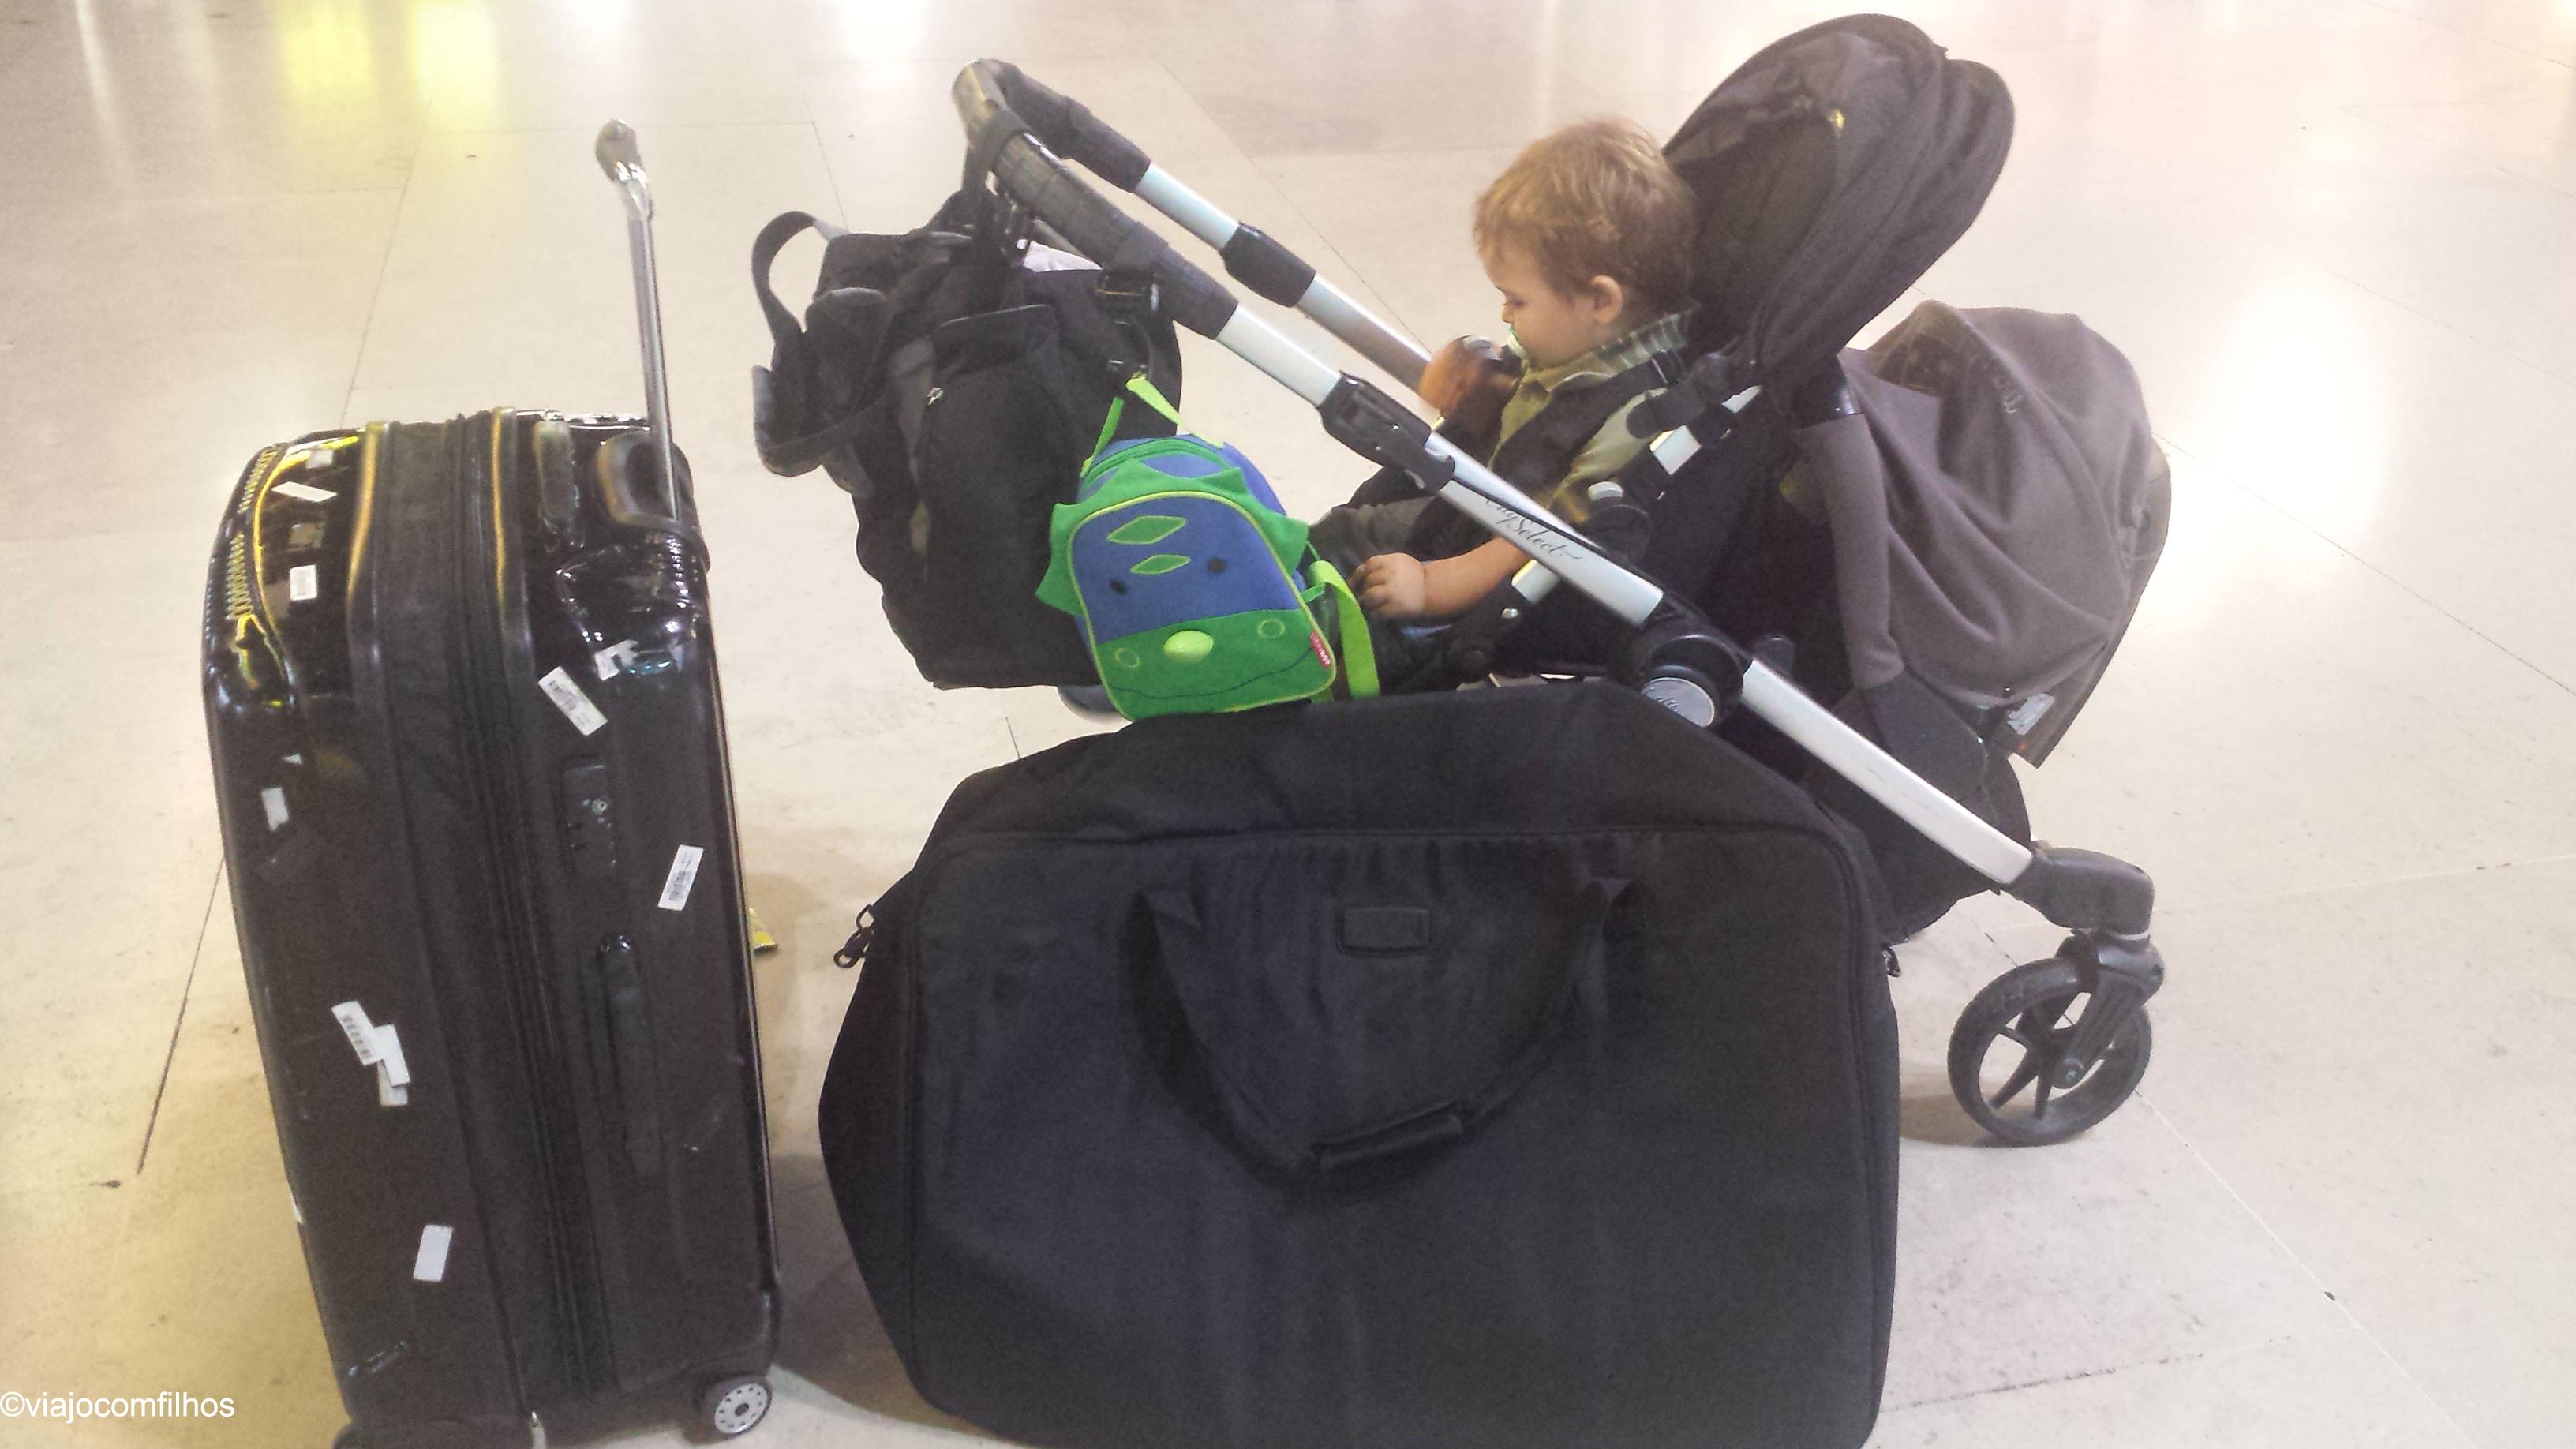 Uma mala para os dois, o carrinho (com a capa protetora), bolsa e mochila do Kai